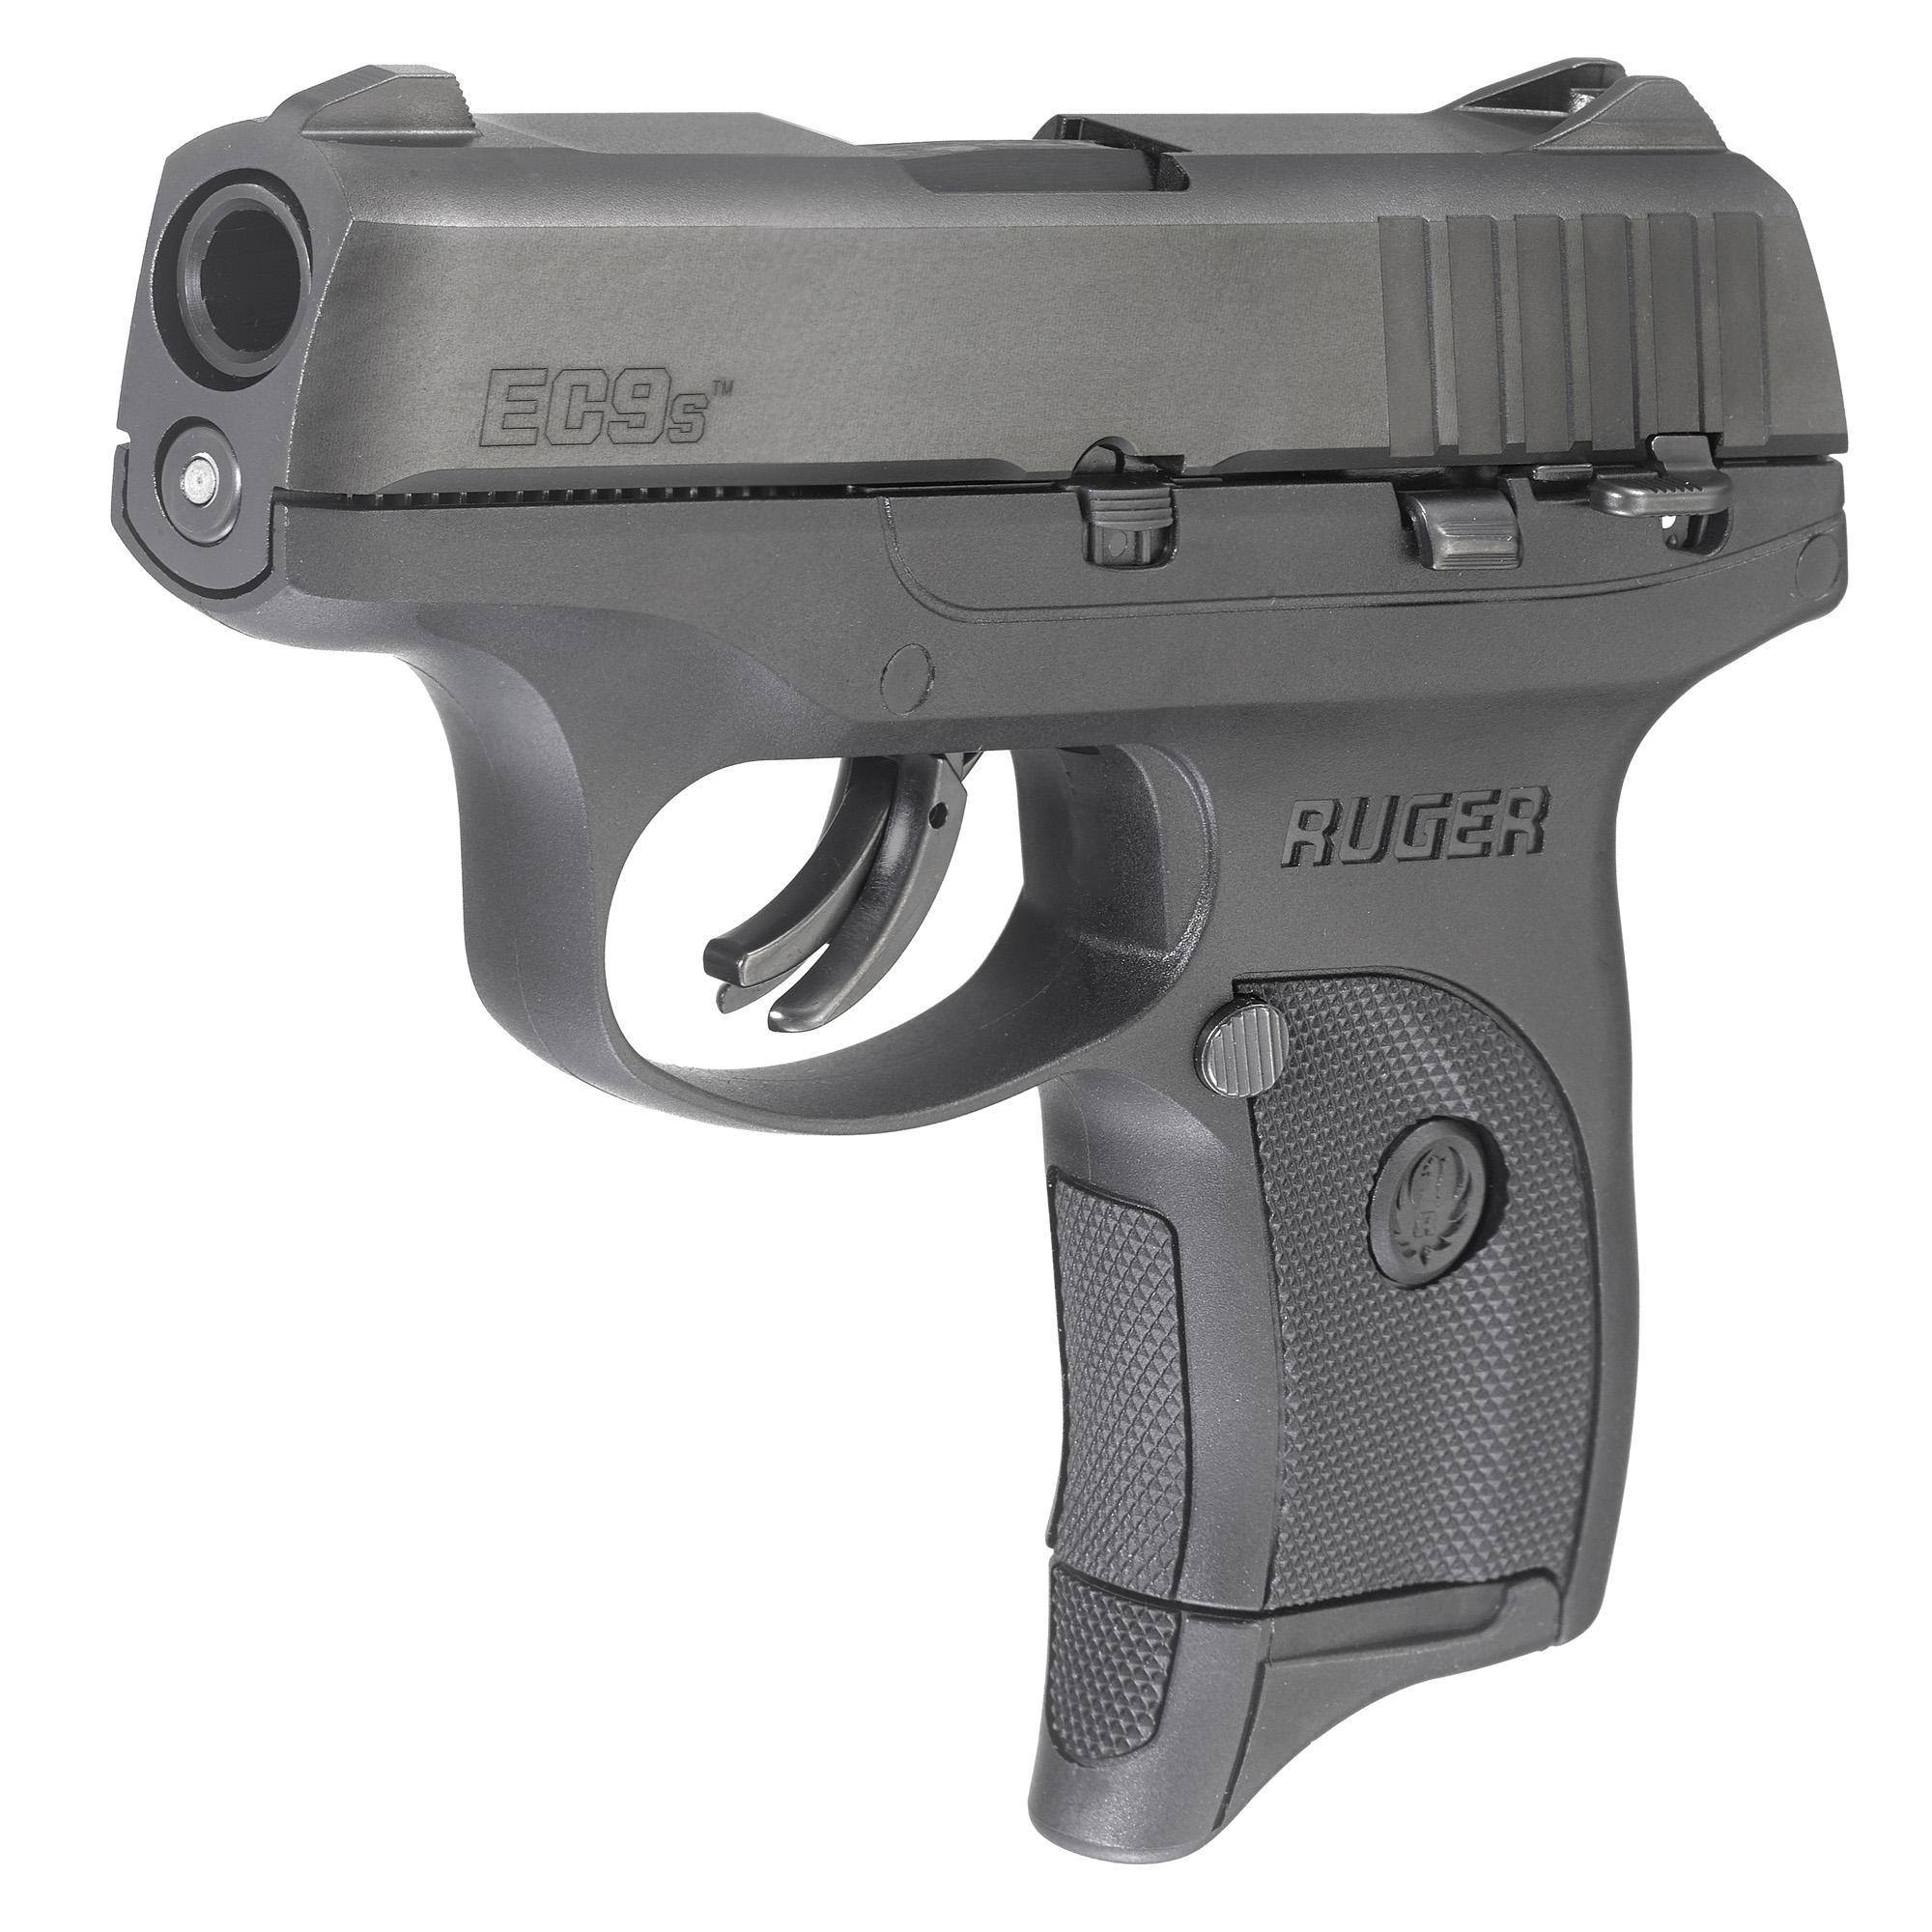 Ruger EC9S 9mm Pistol Striker Fired· 3283 · DK Firearms